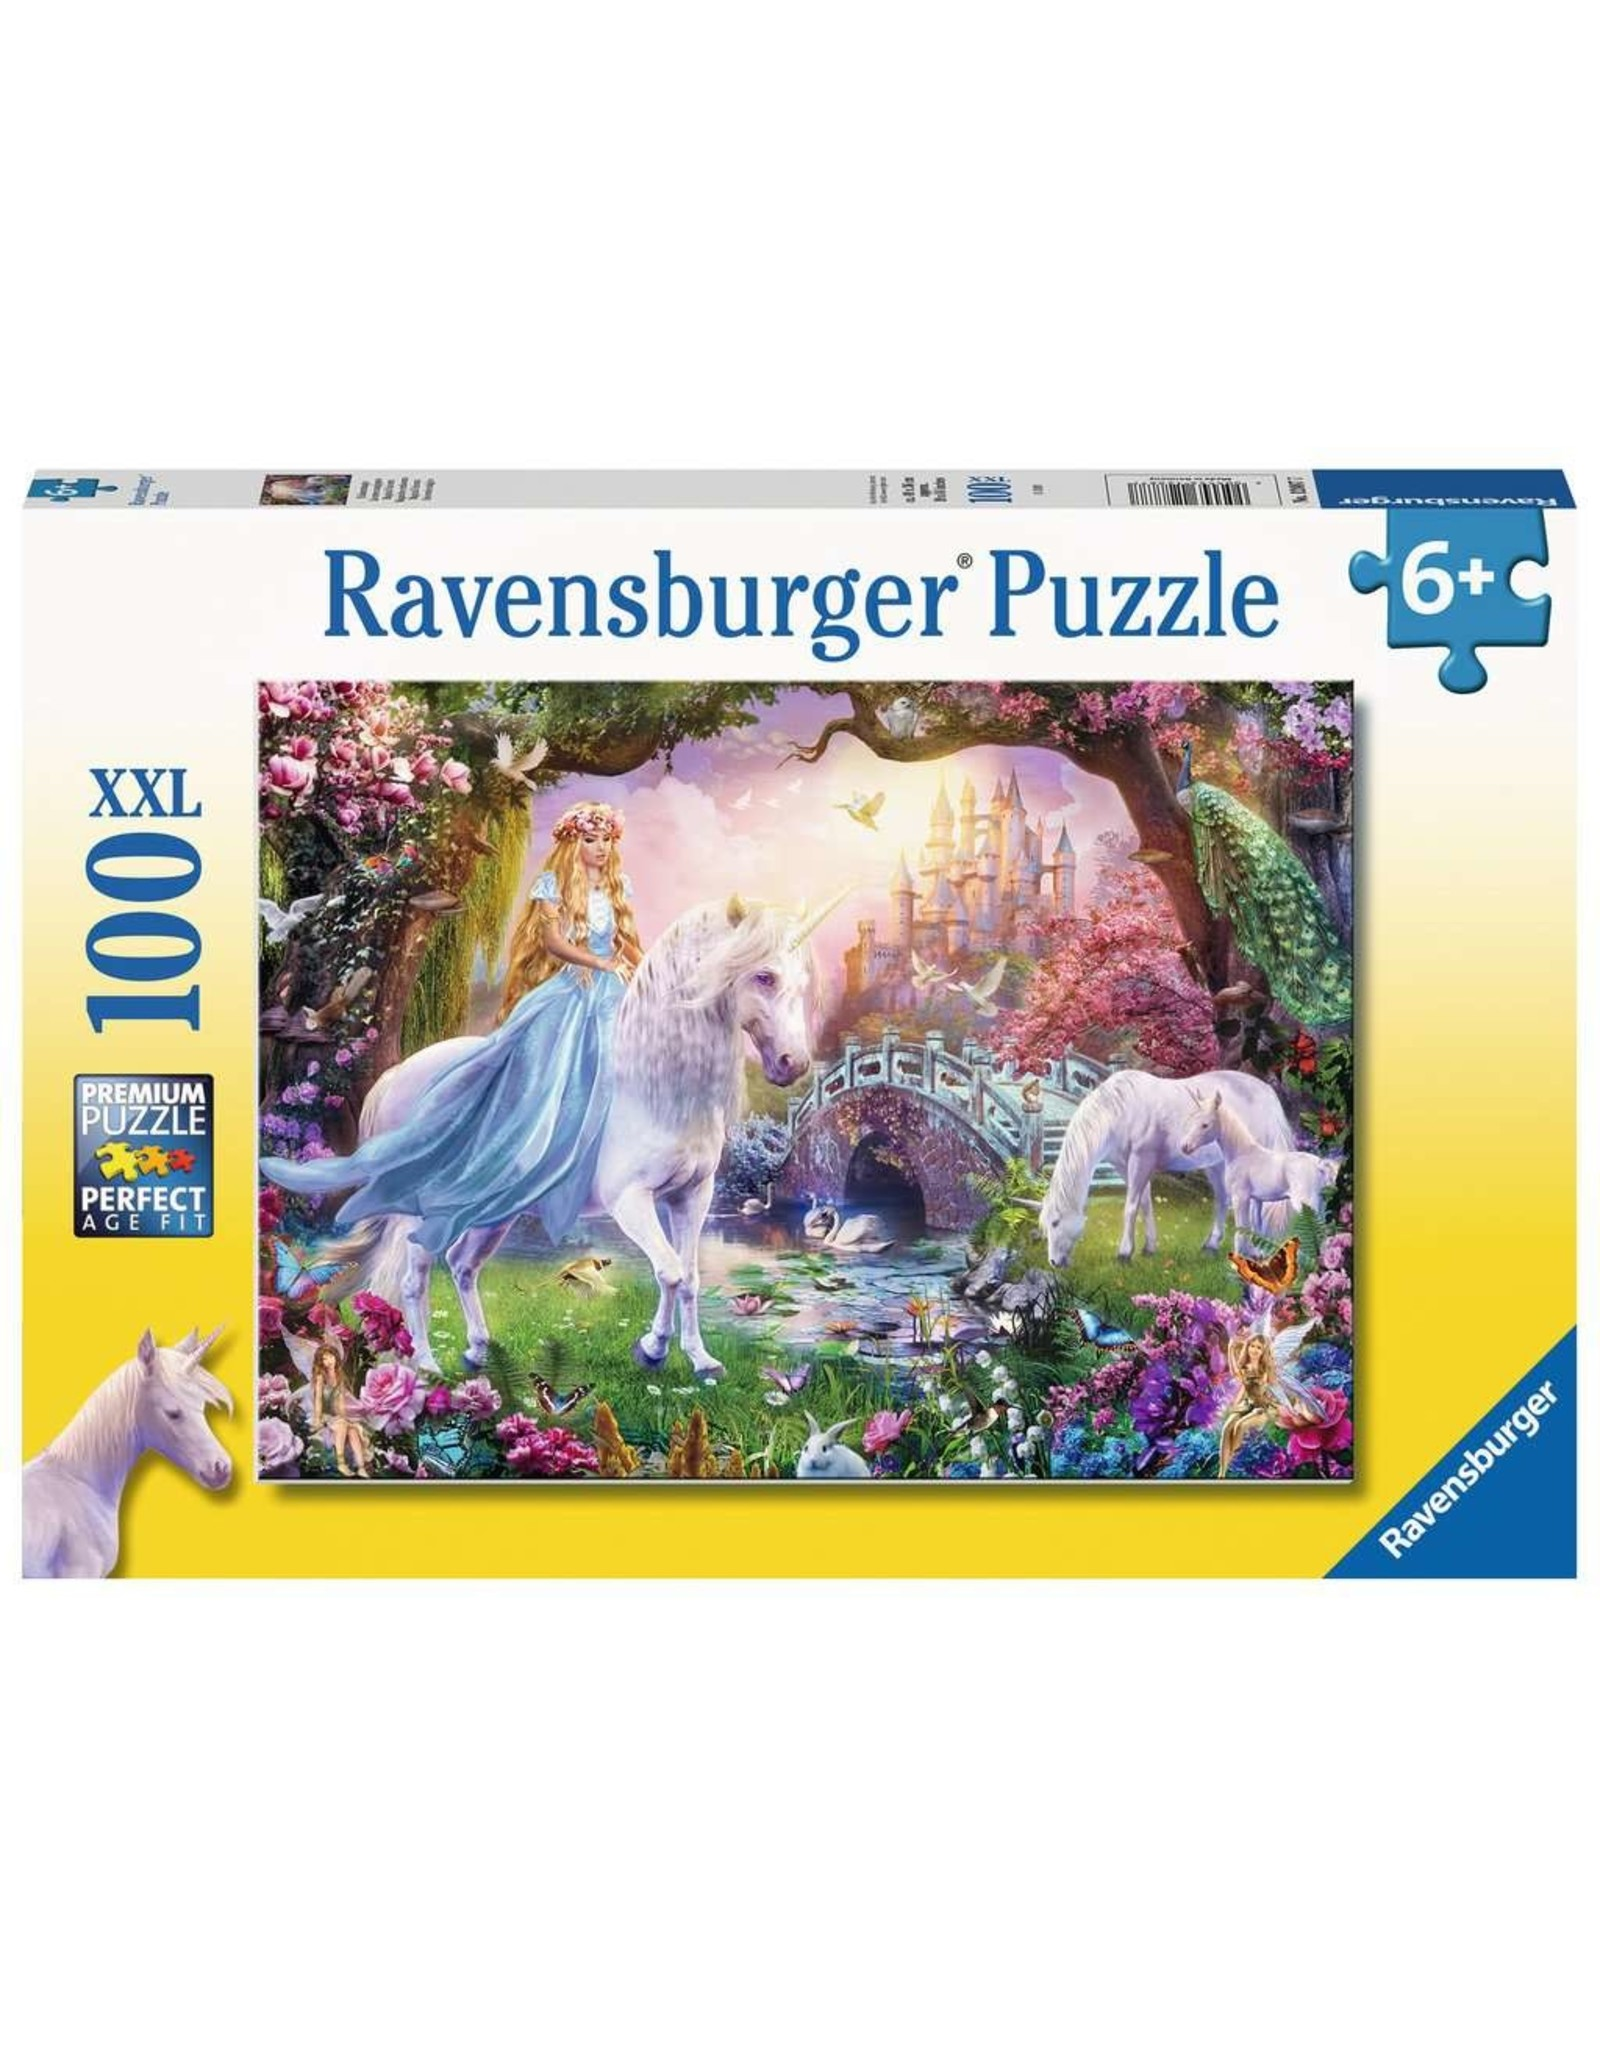 Ravensburger 100 pcs. Unicorn Magic Puzzle